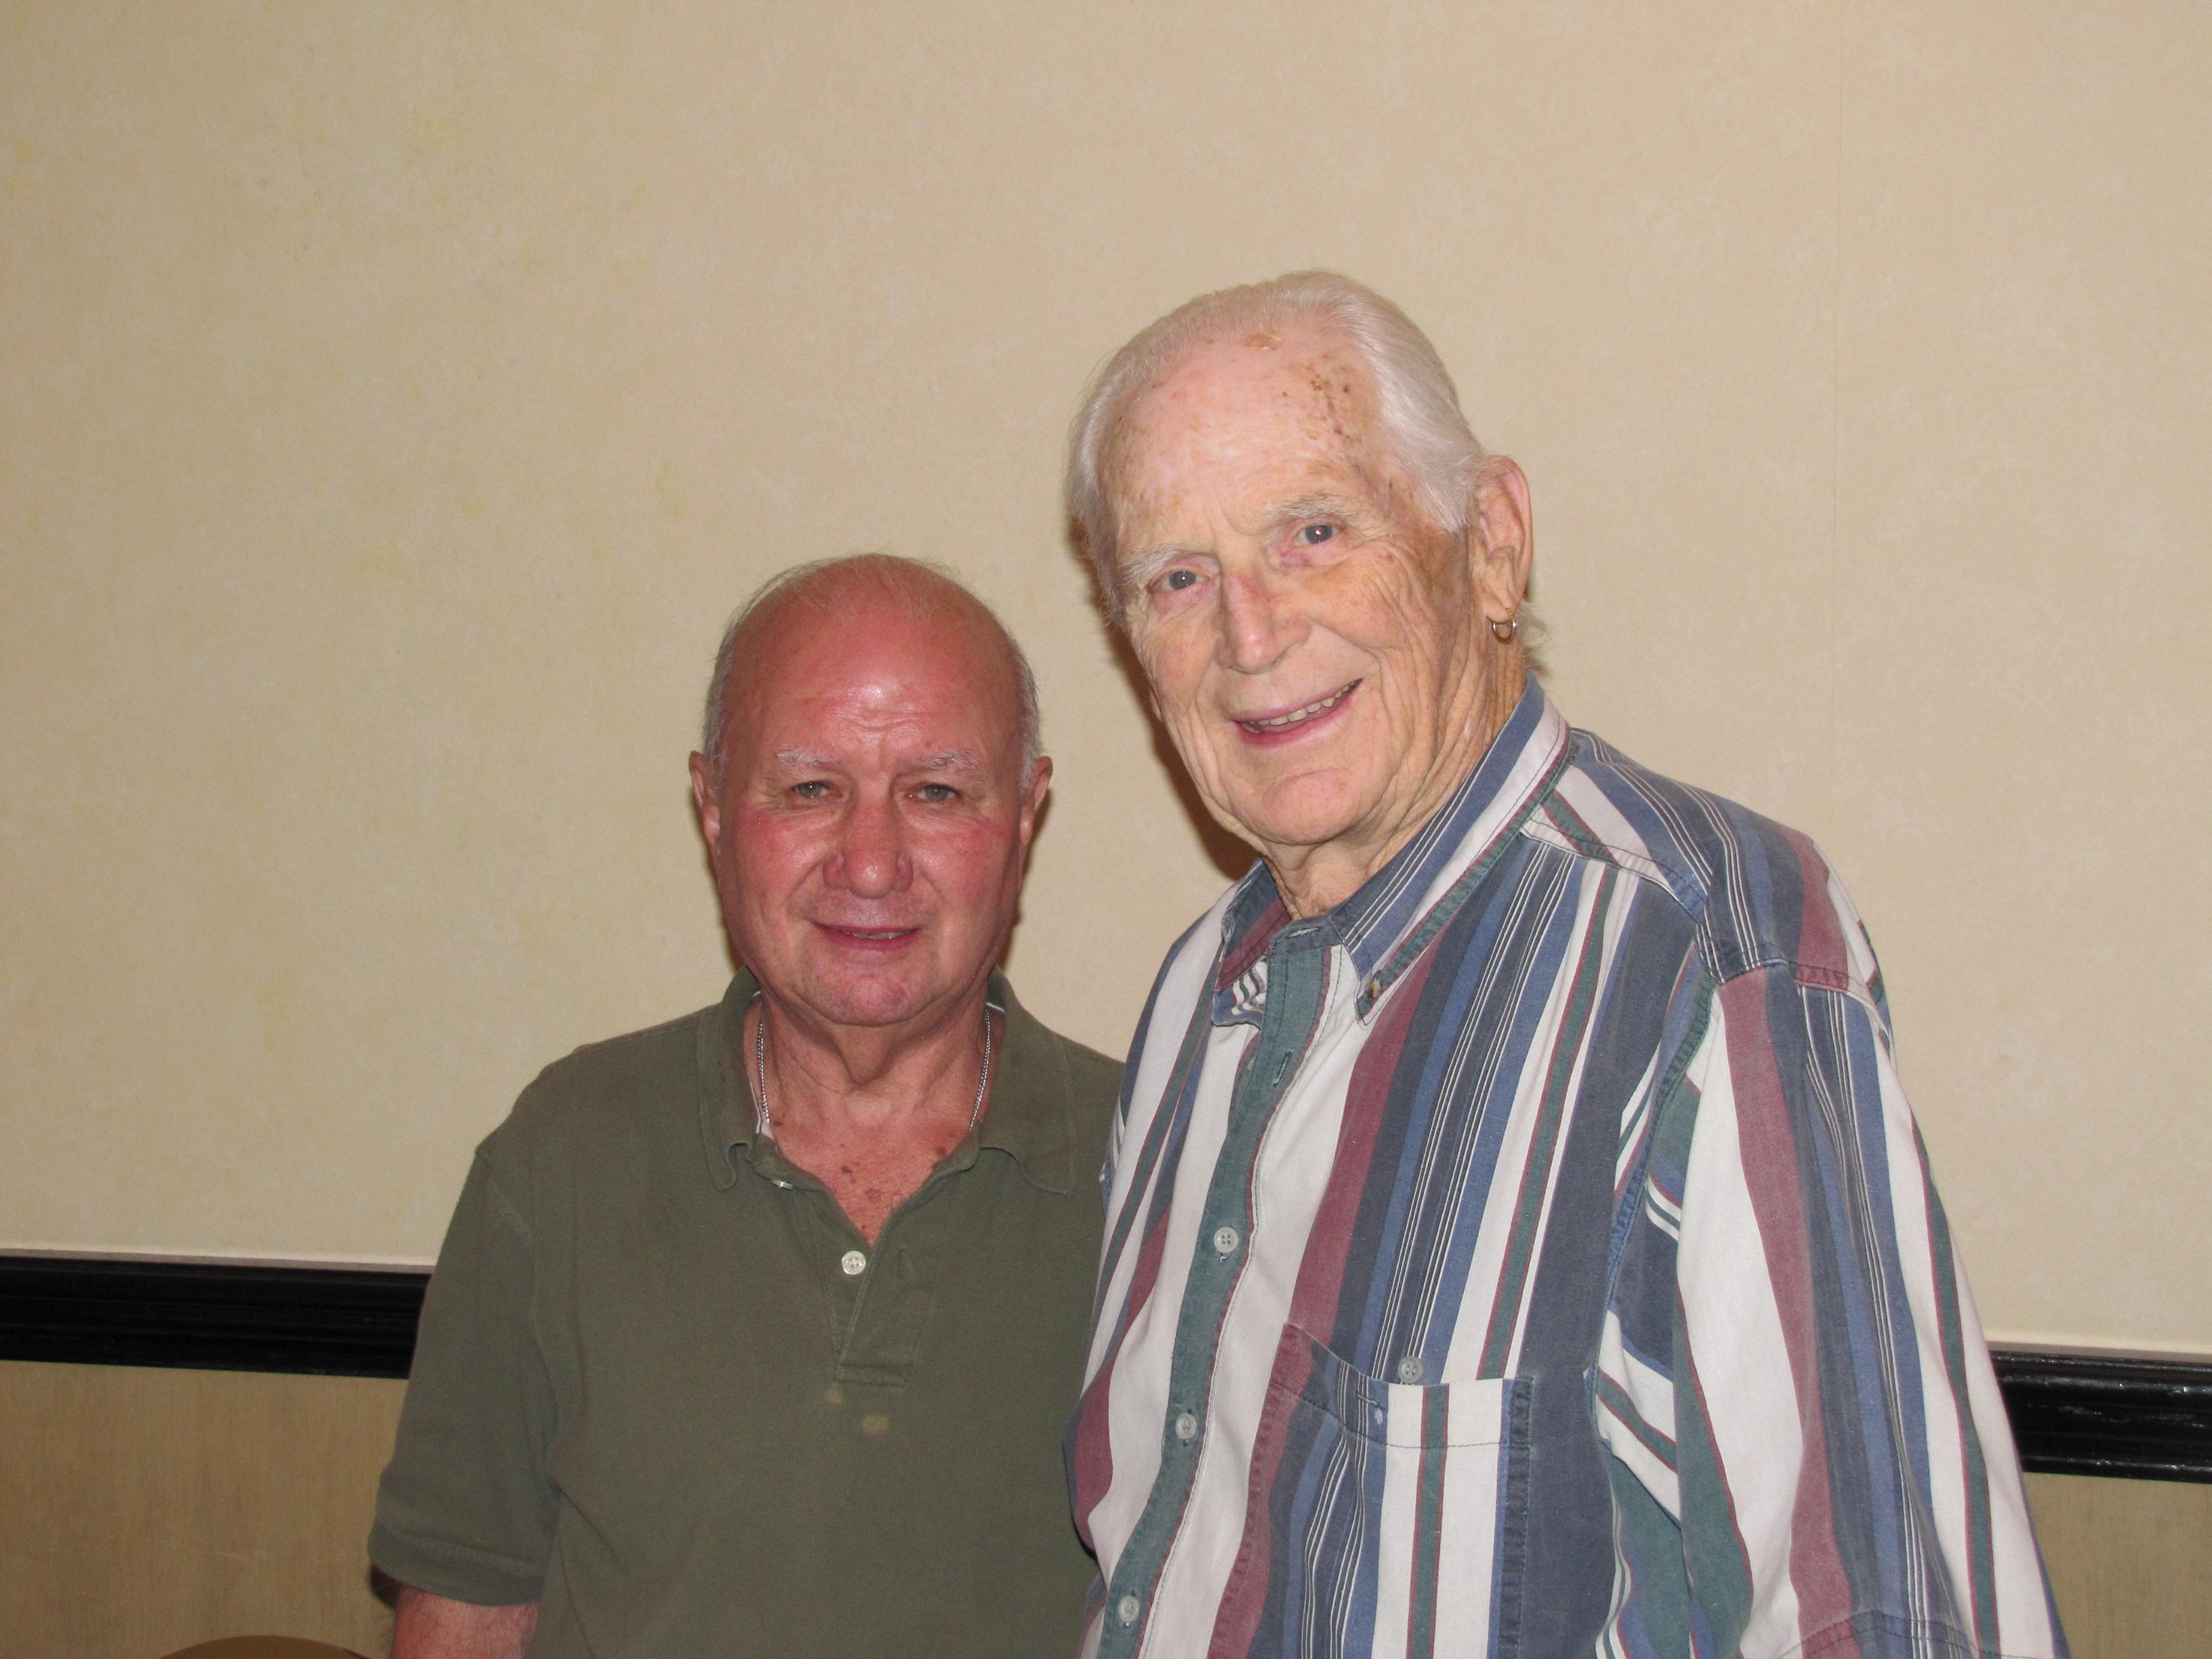 Florian Hall August 14, 2012